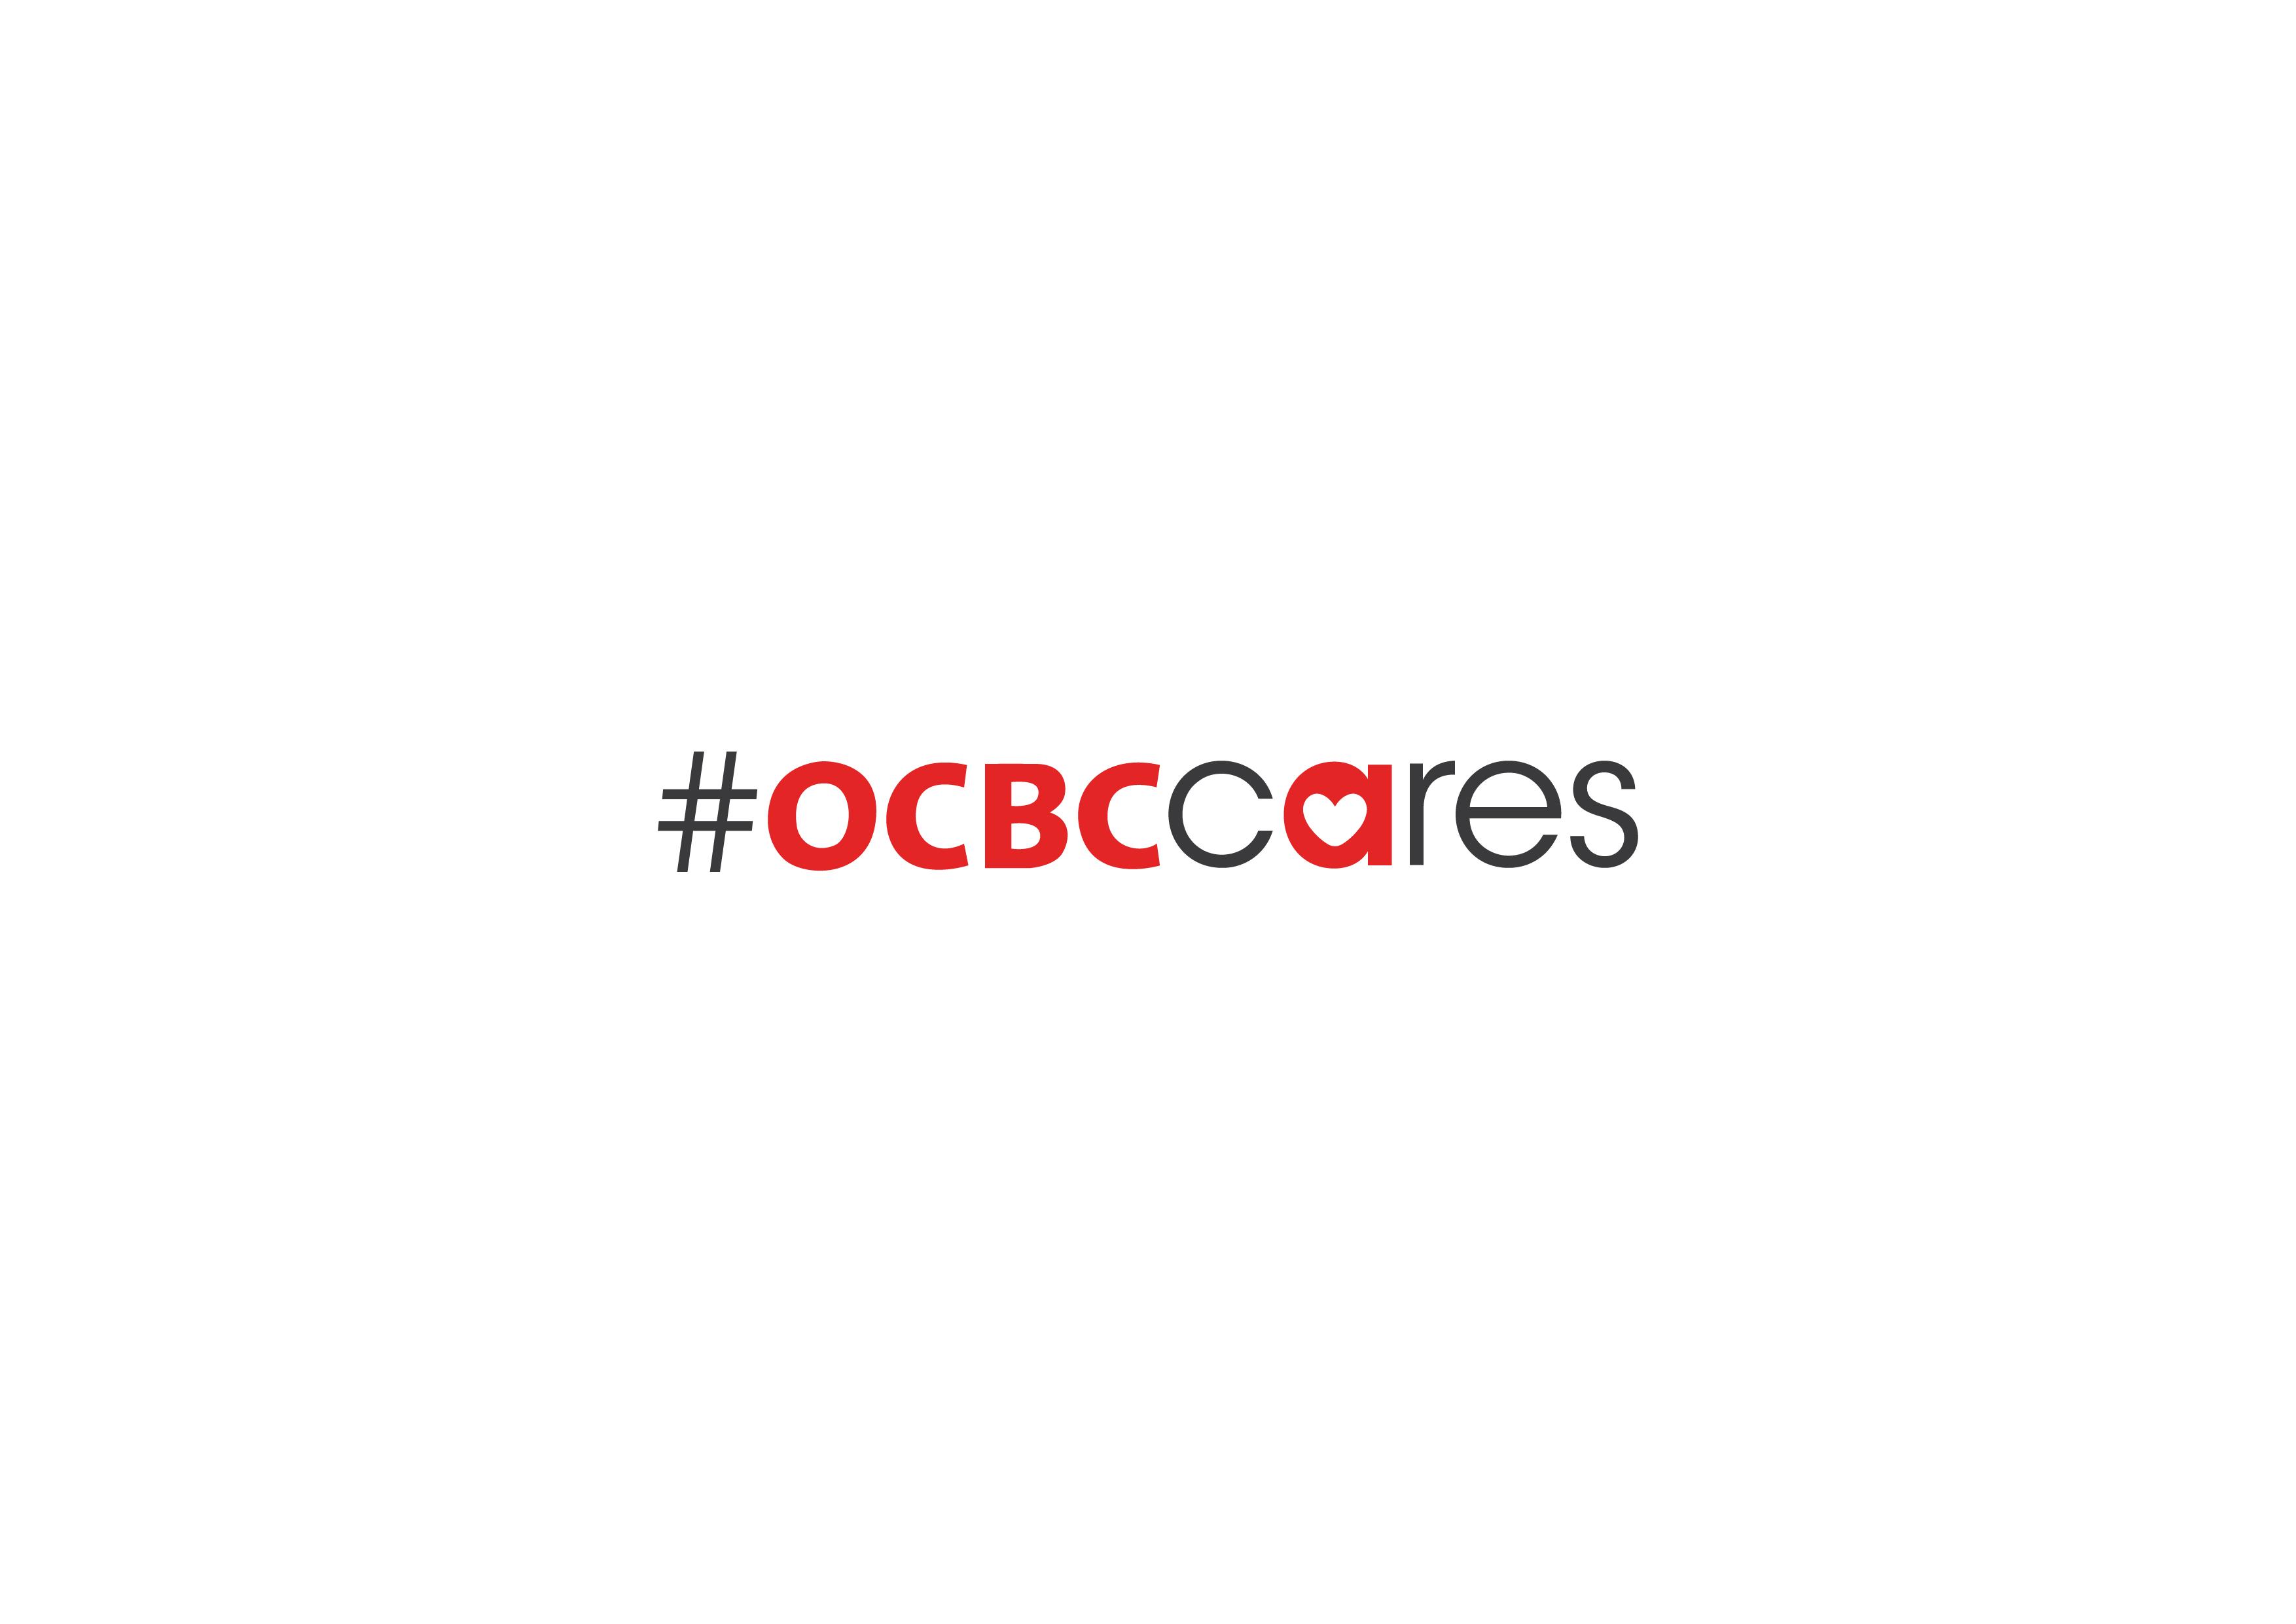 OCBC Cares